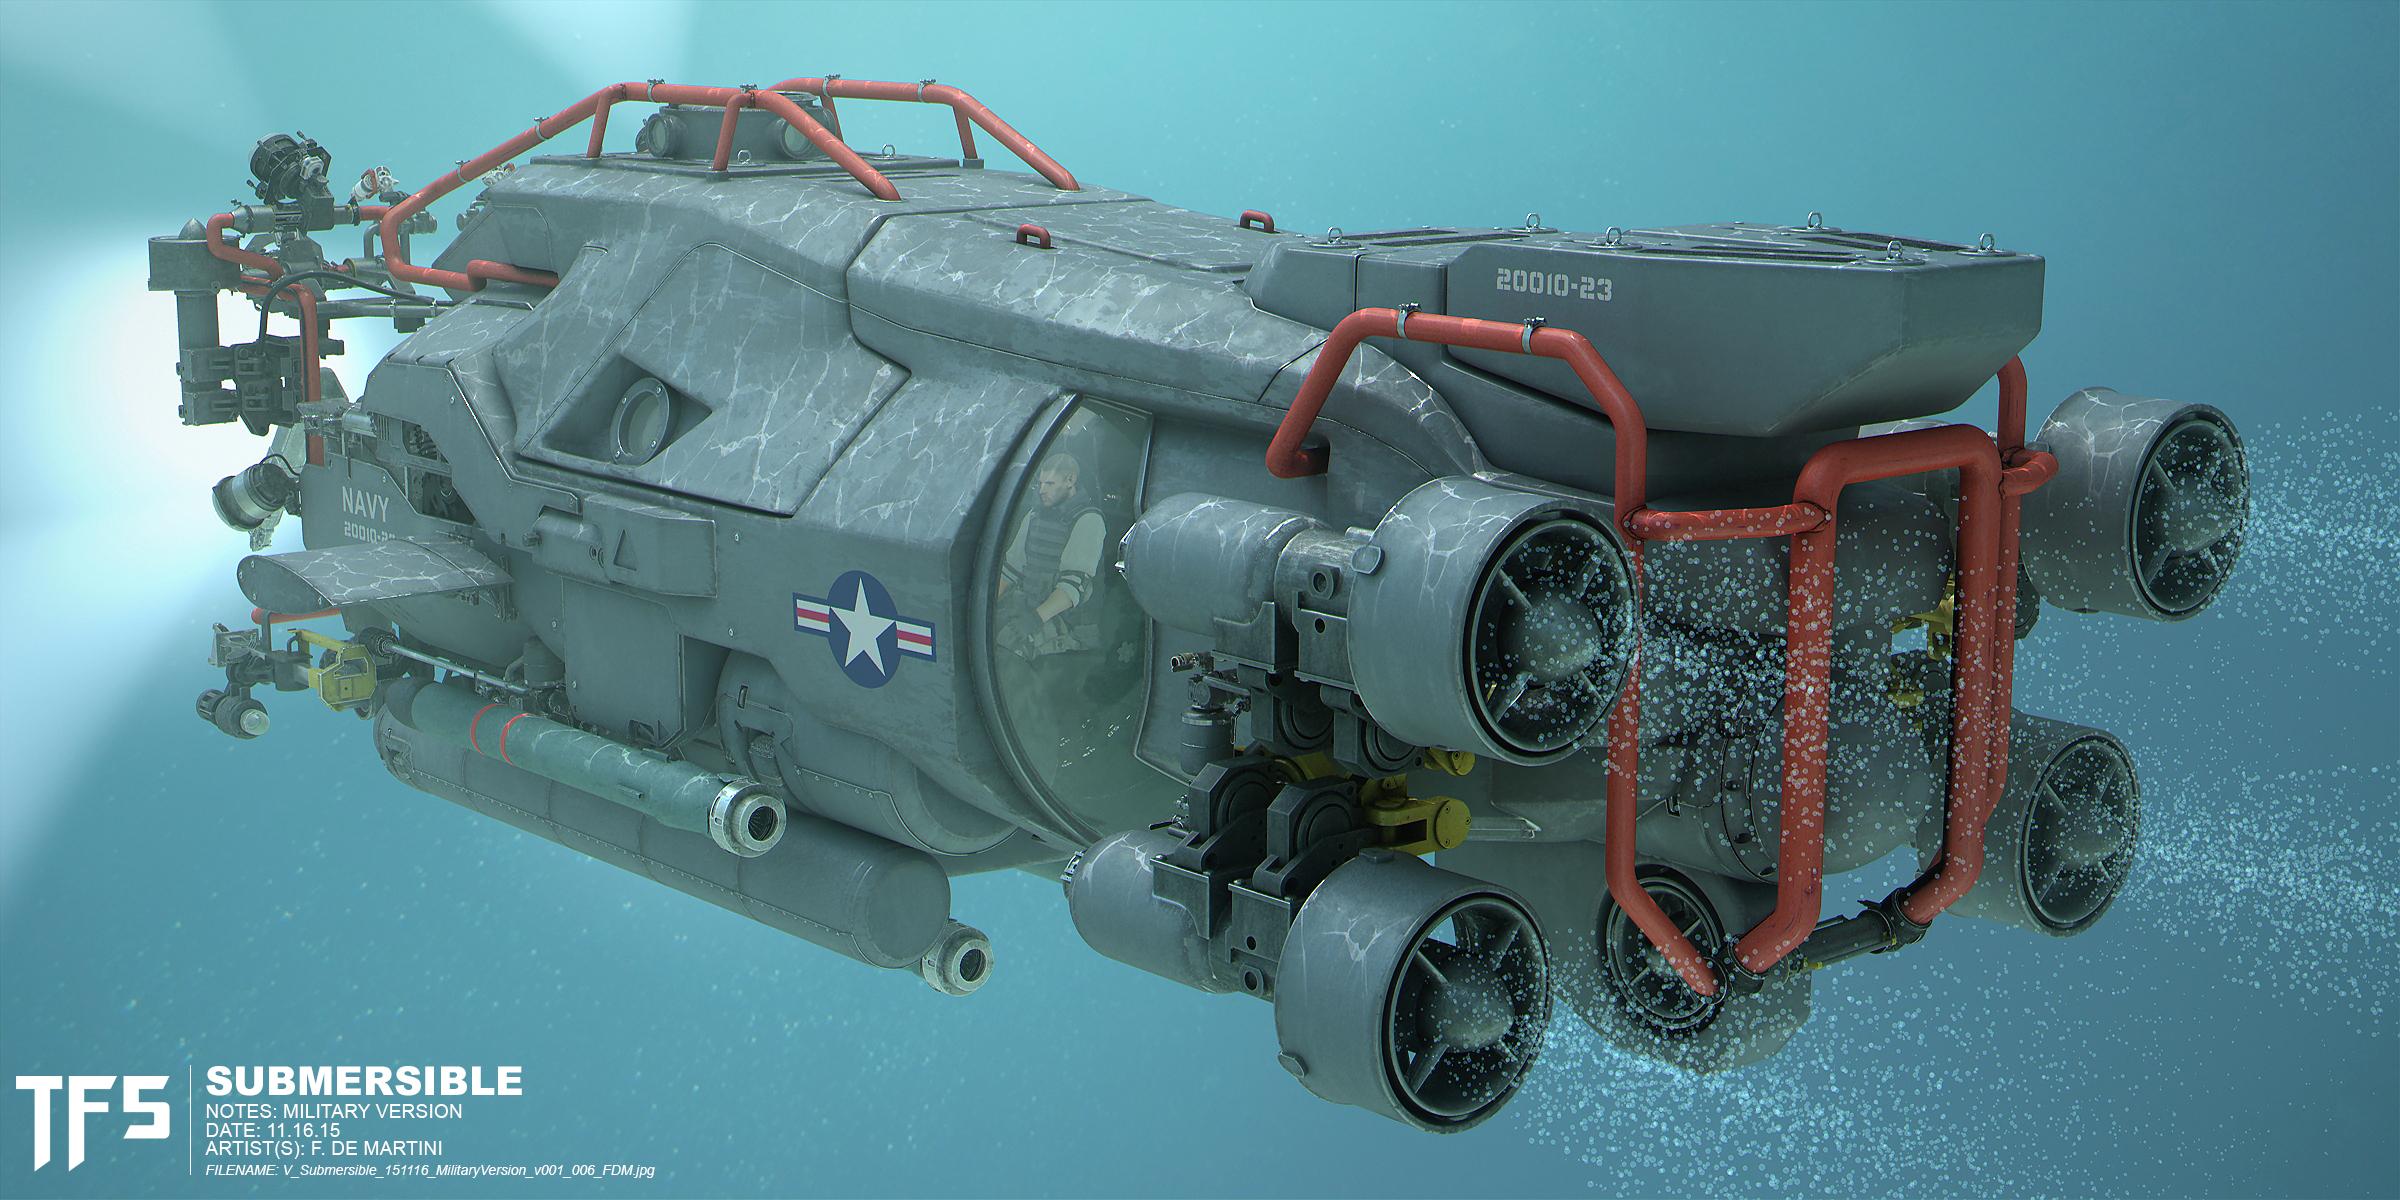 V_Submersible_151116_MilitaryVersion_v001_006_FDM.jpg